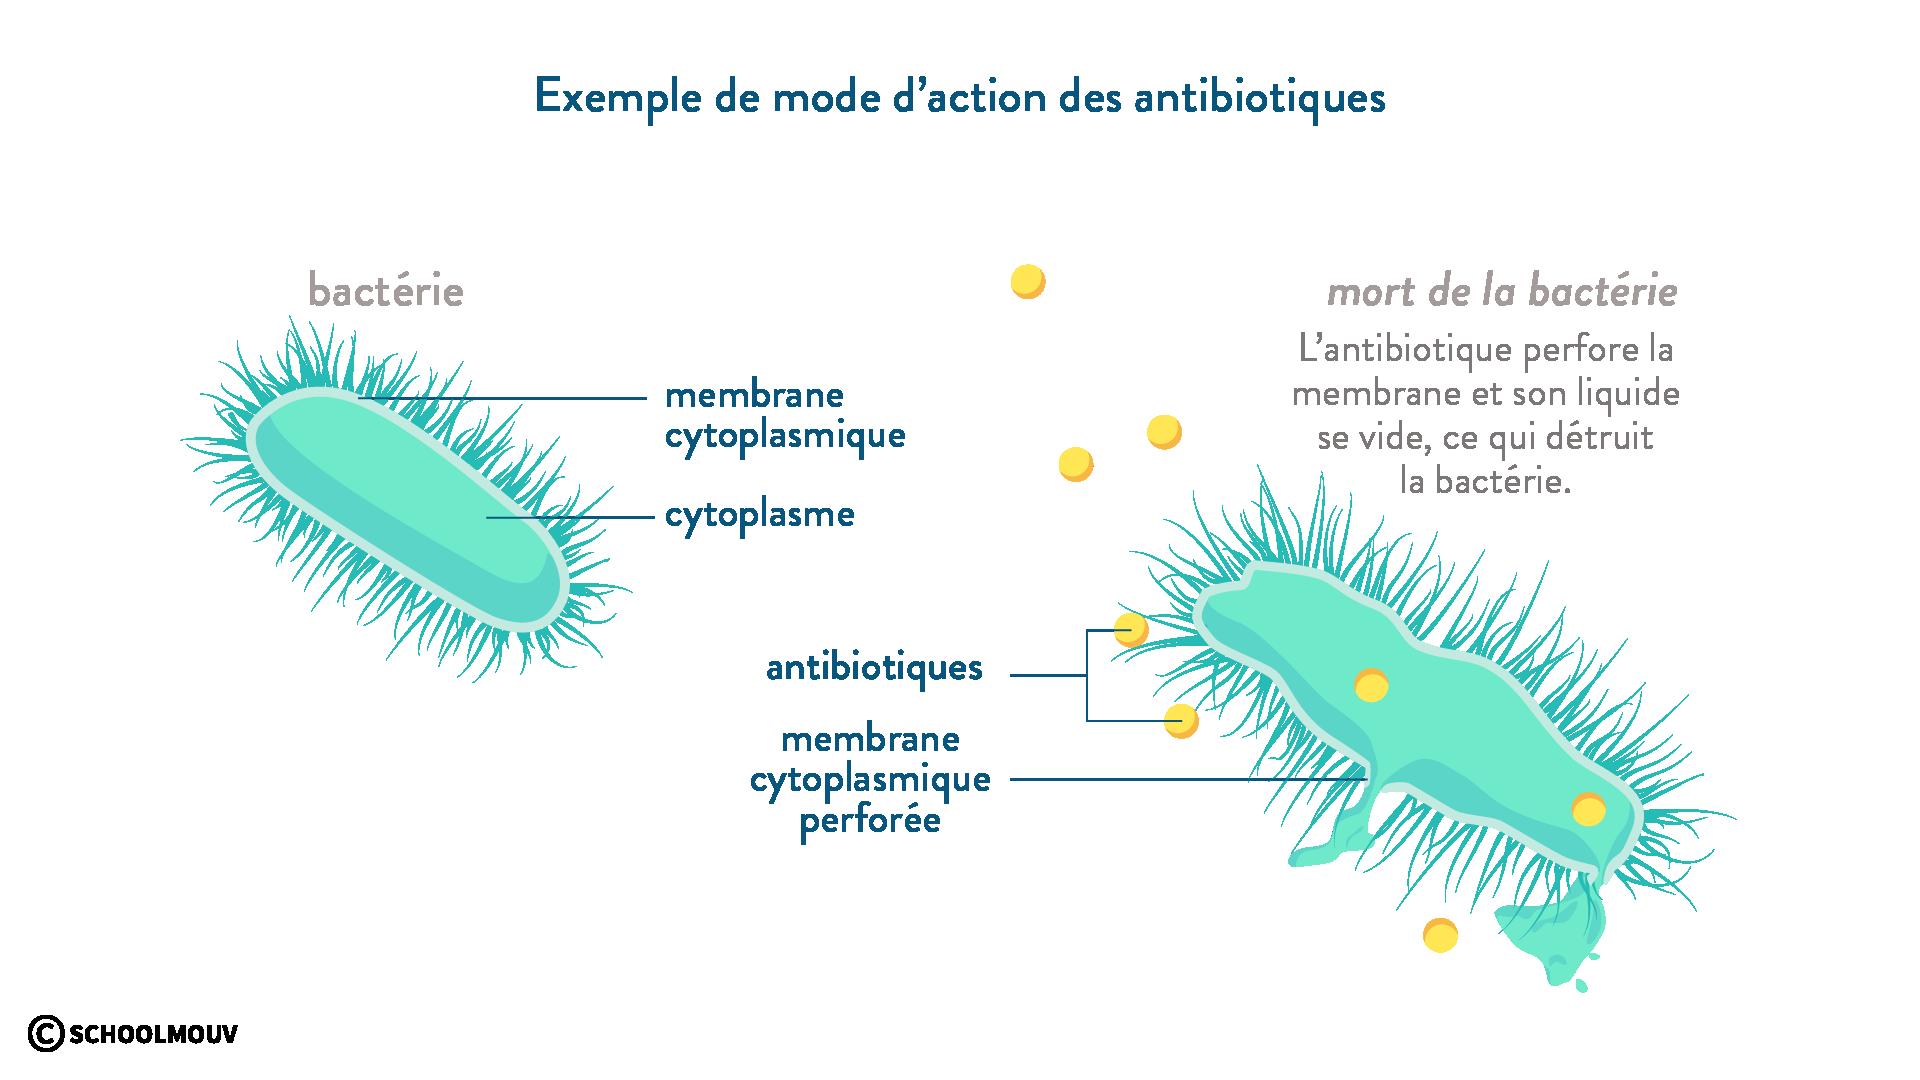 antibiotique bactérie mort